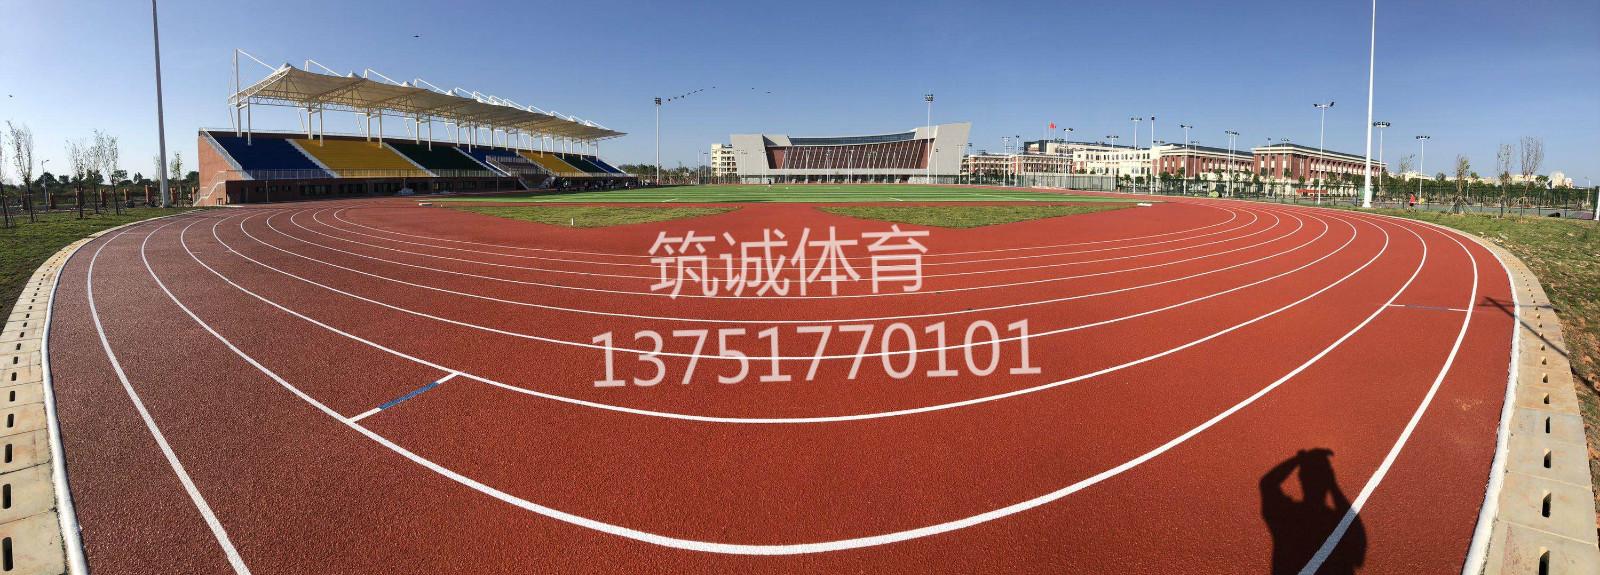 贵州南宁师范学院武鸣校区运动场